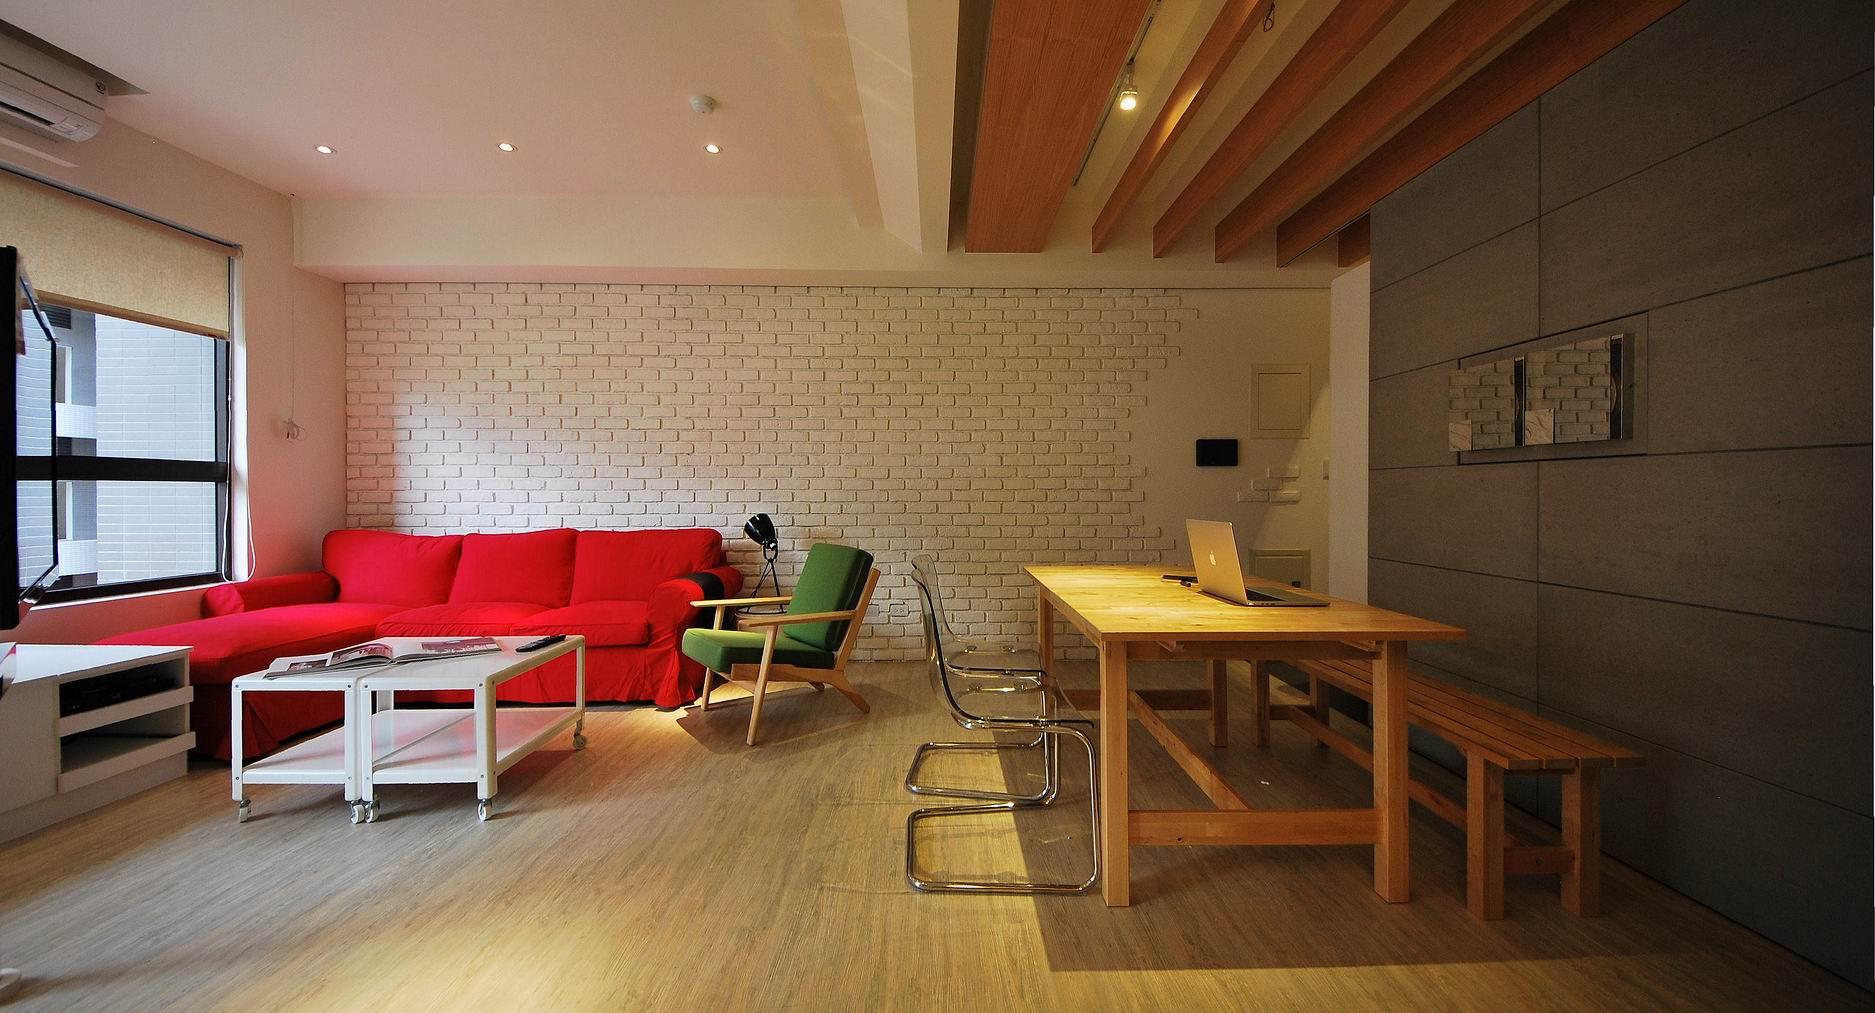 【住宅設計】淡水伊東市賴公館 - 美式Loft風格3